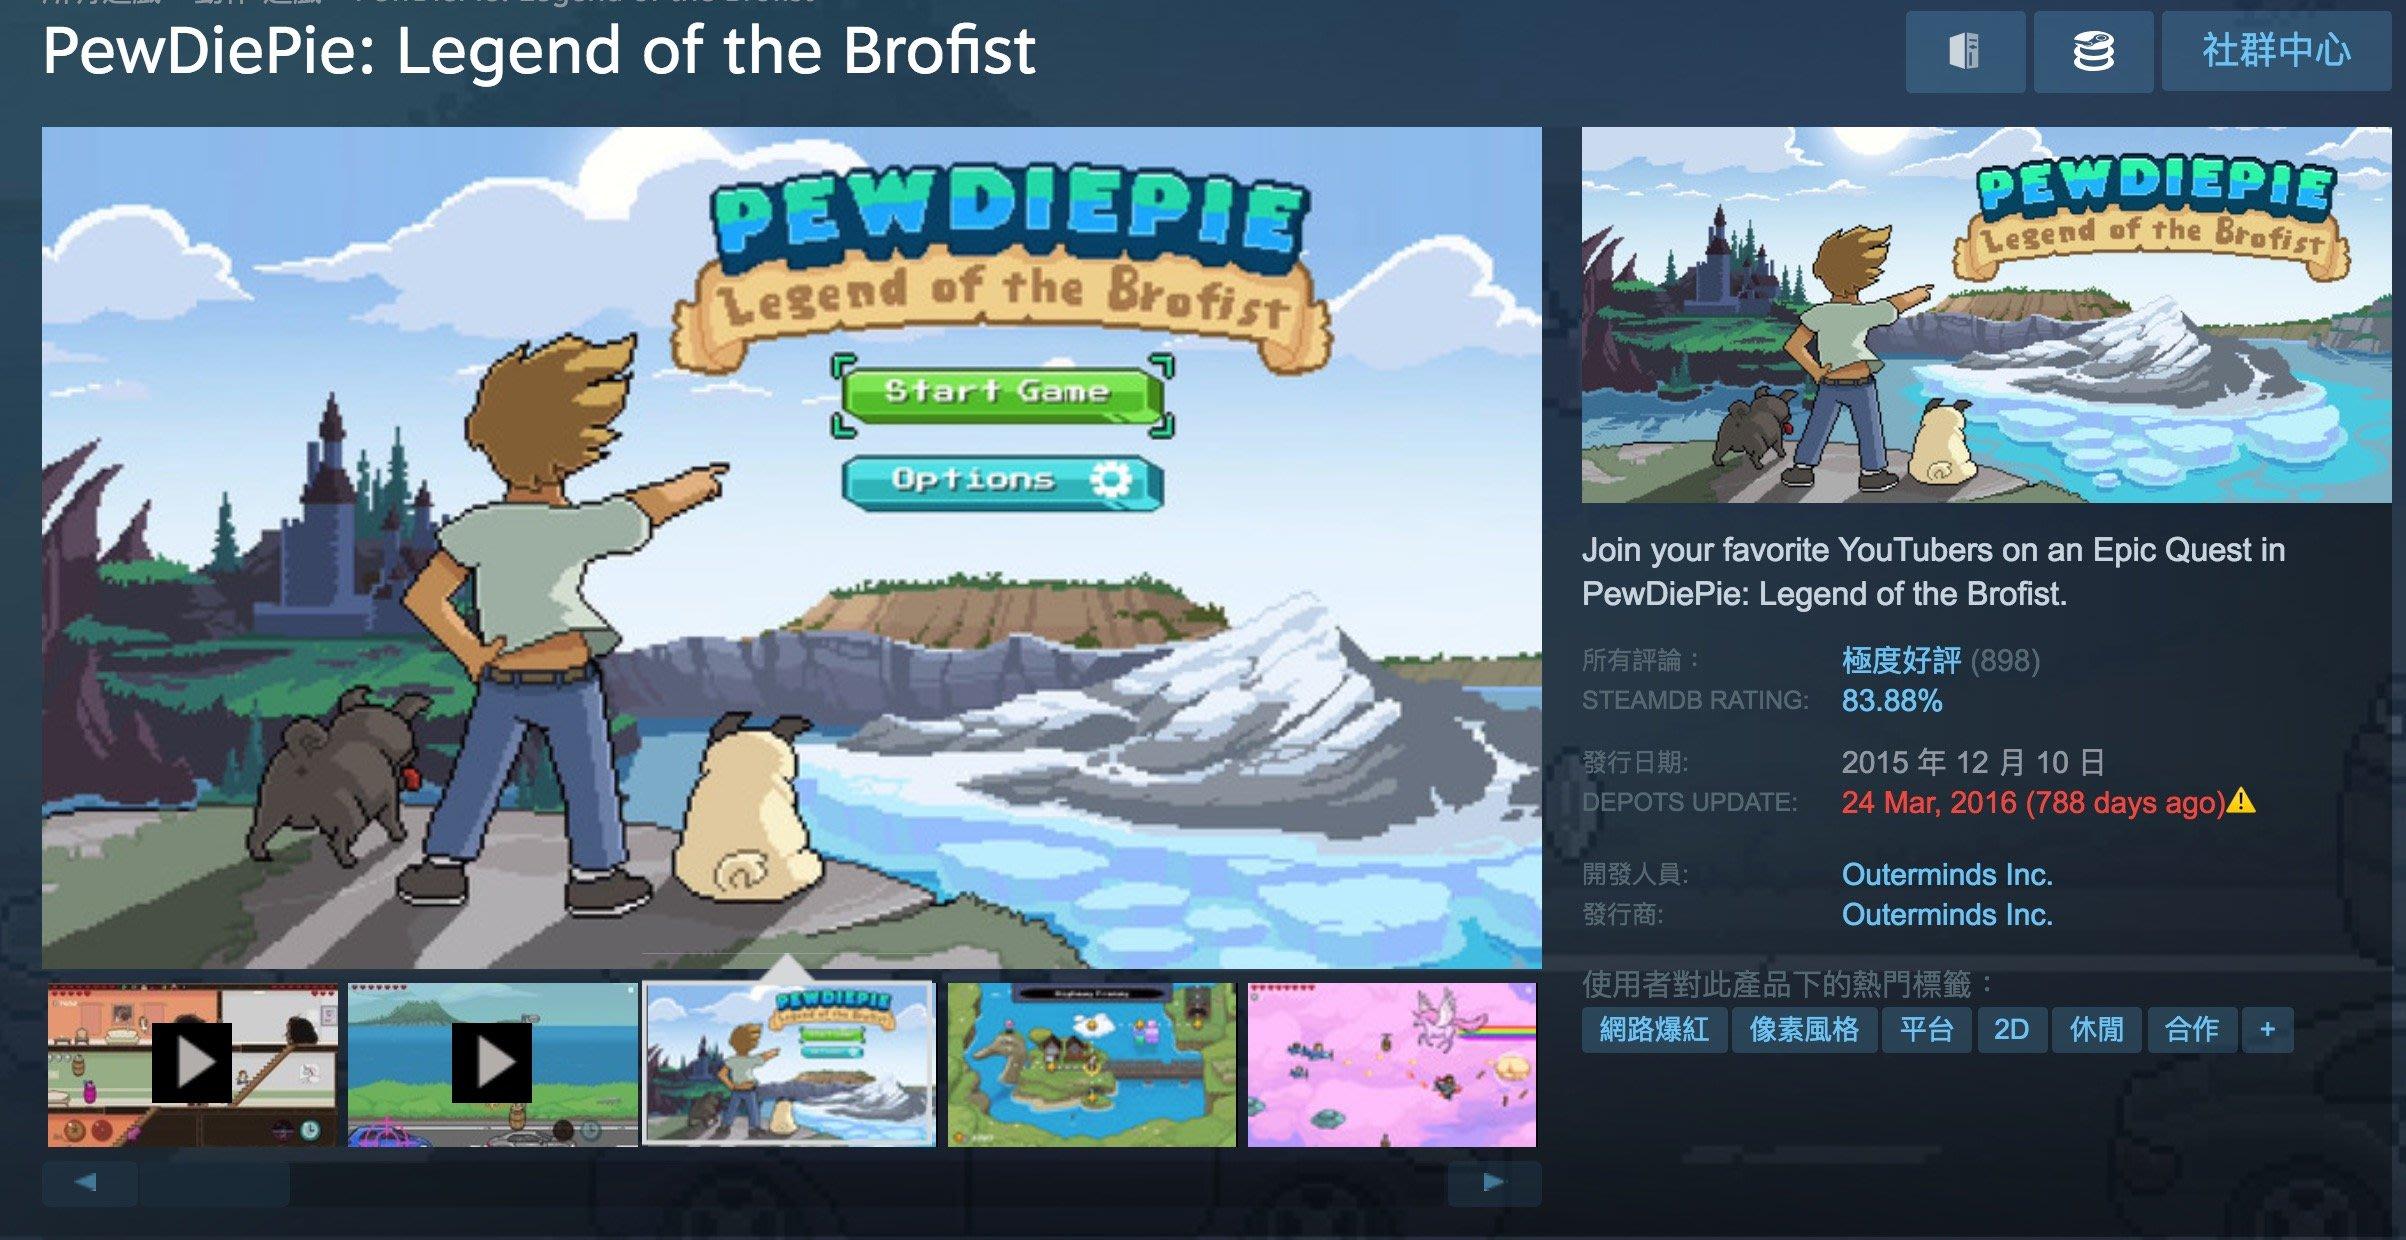 超商繳費 PewDiePie Legend of the Brofist Steam PC 台灣正版序號 免帳密